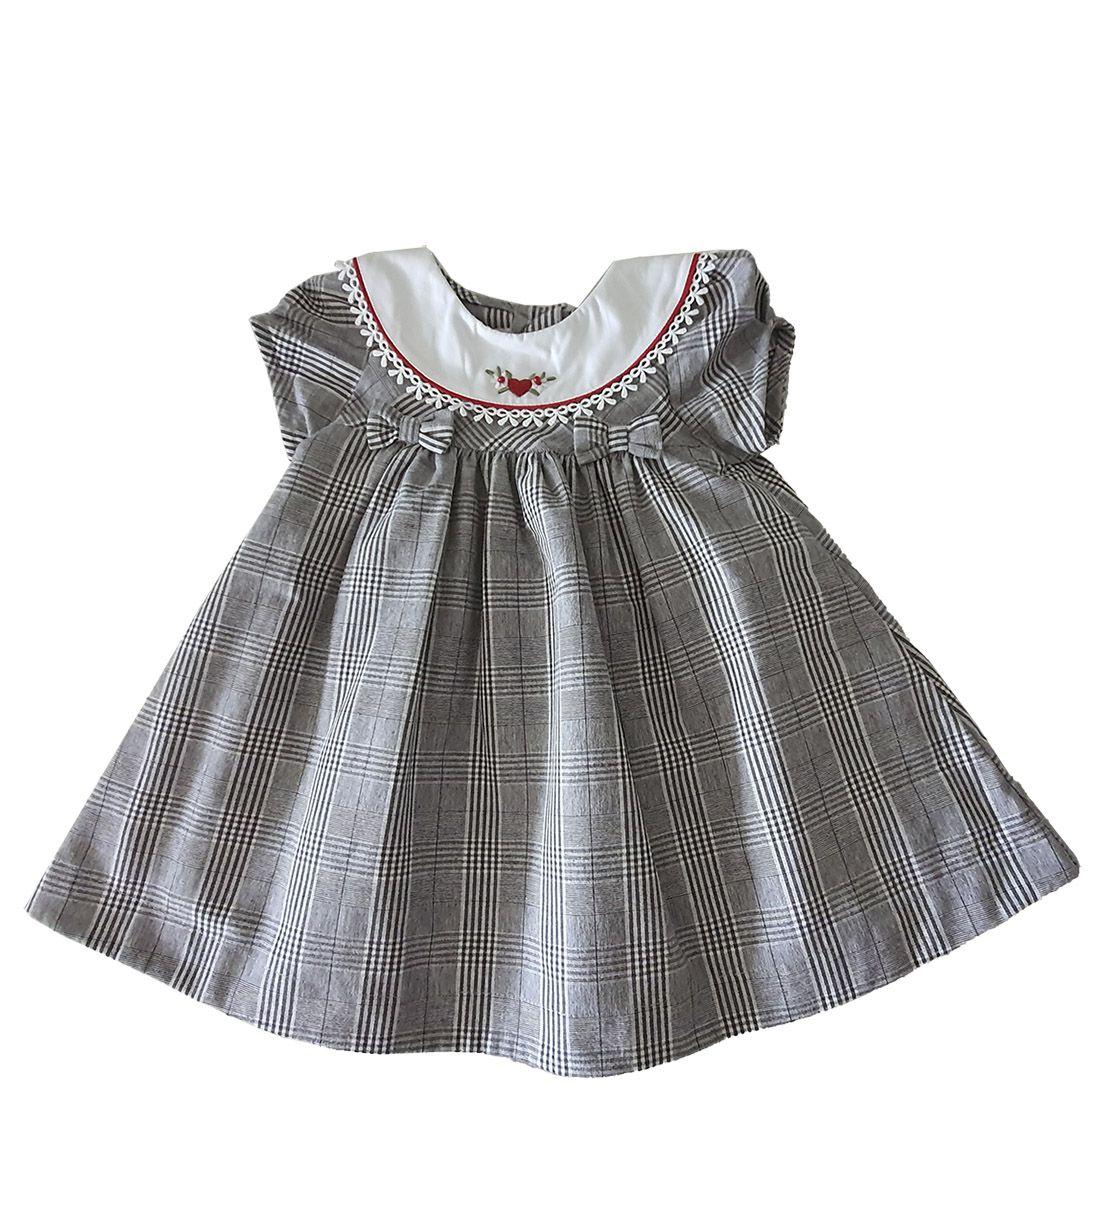 Vestido Festa Bebê em Tricoline  Póssum Xadrez Príncipe de Gales